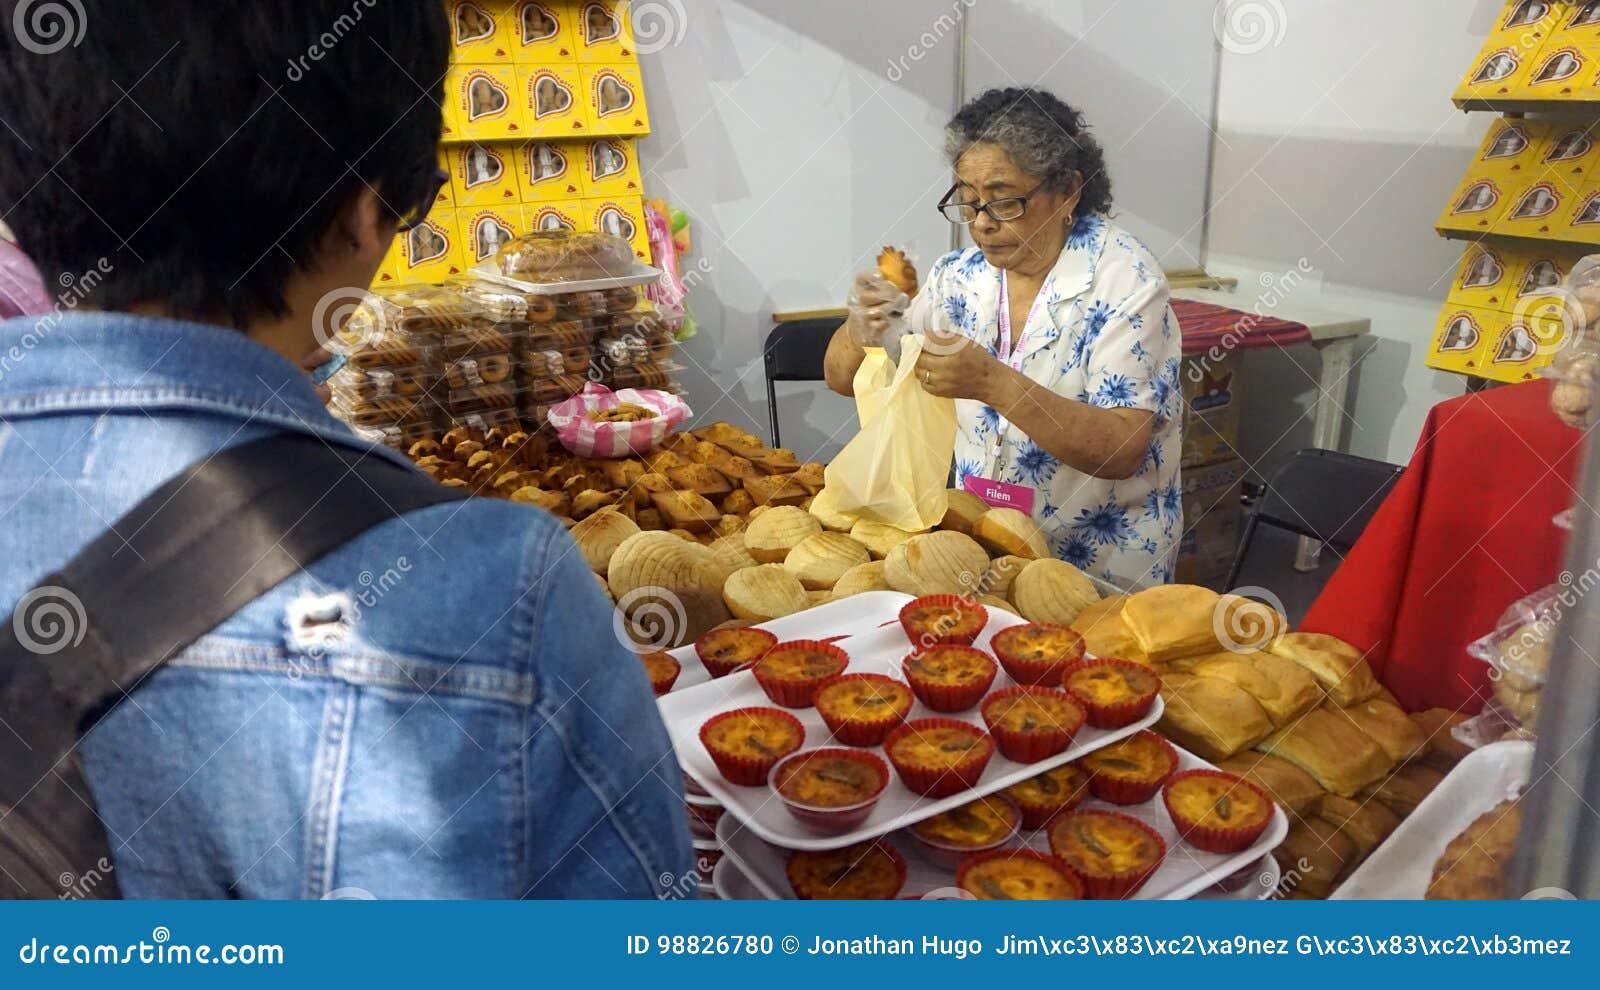 Senior woman sales bread